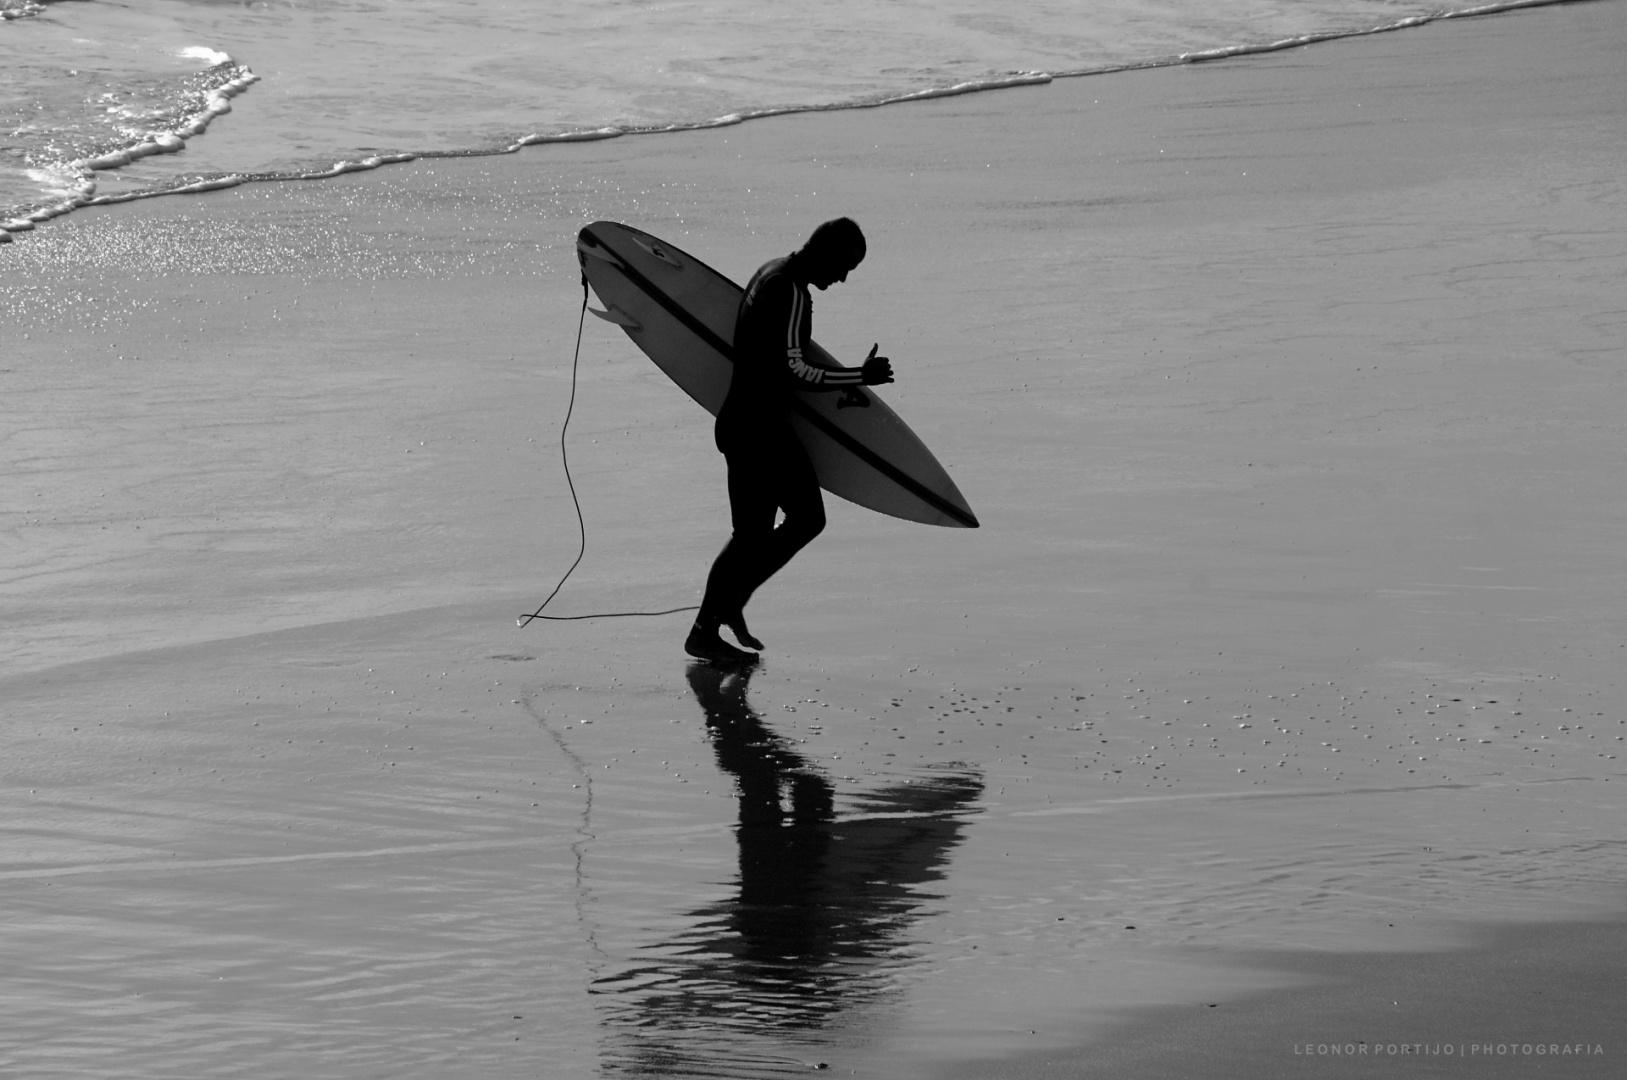 Desporto e Ação/O Surfista